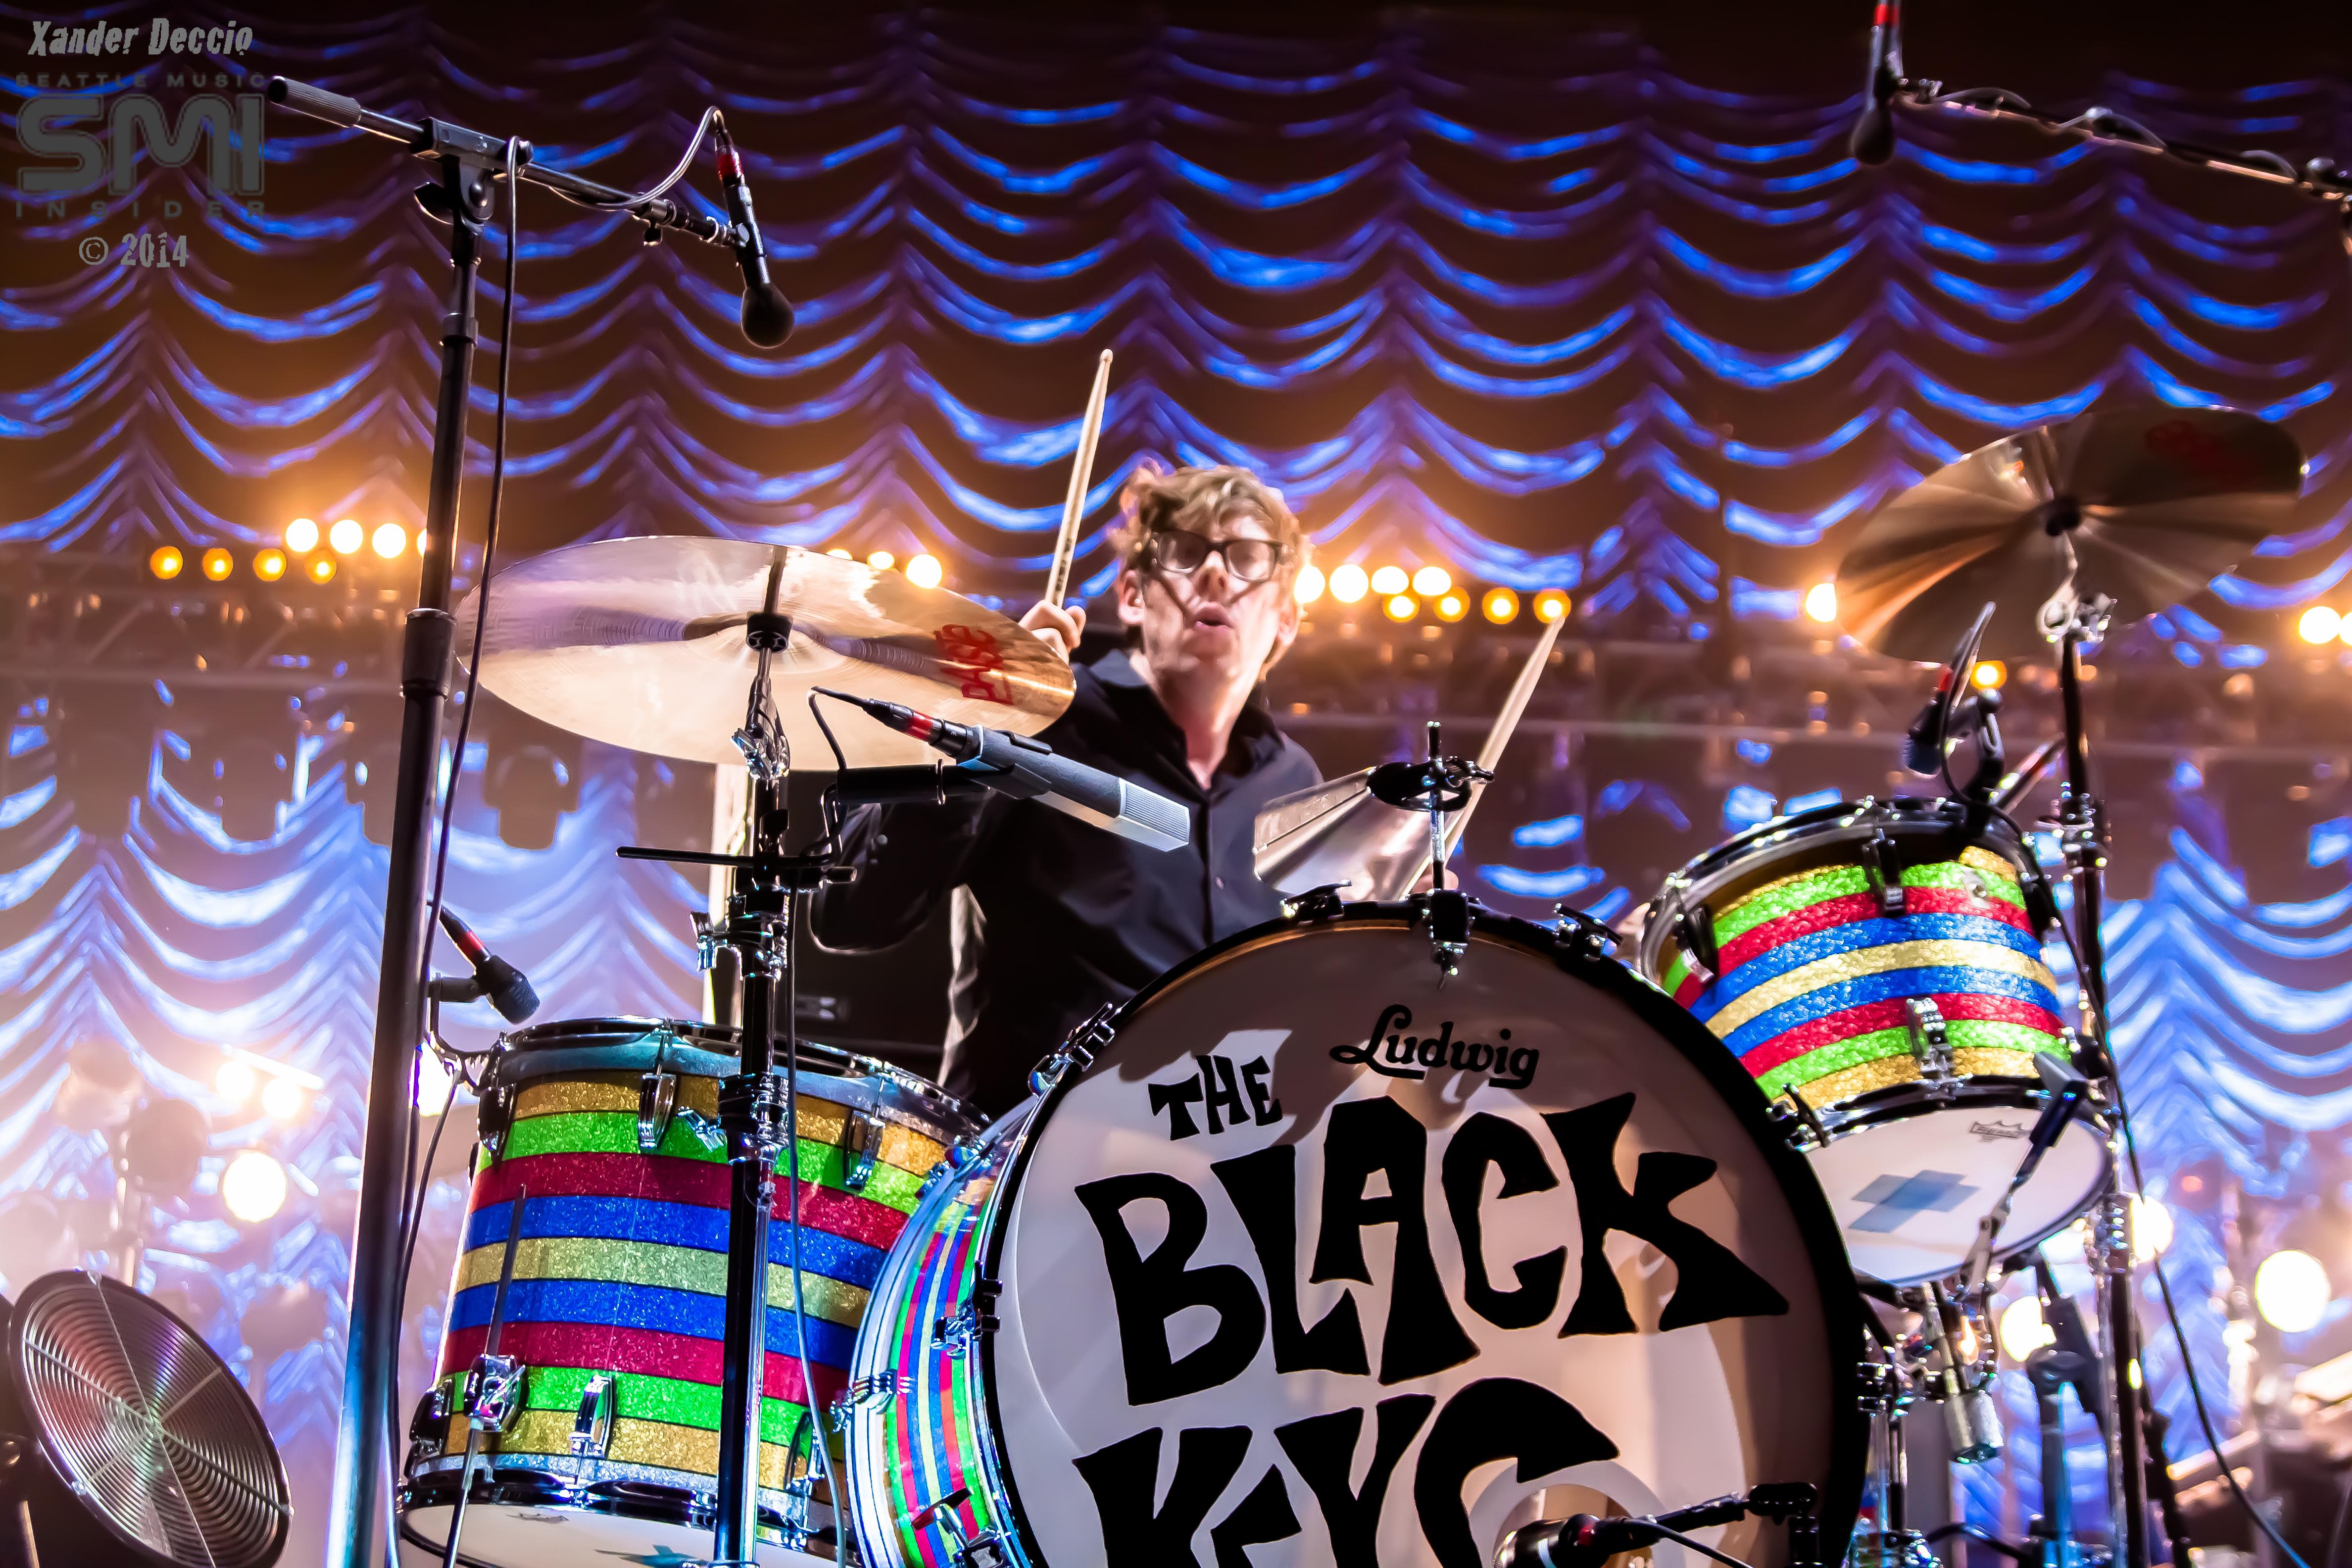 The Black Keys @ KeyArena (Photo By Xander Deccio)